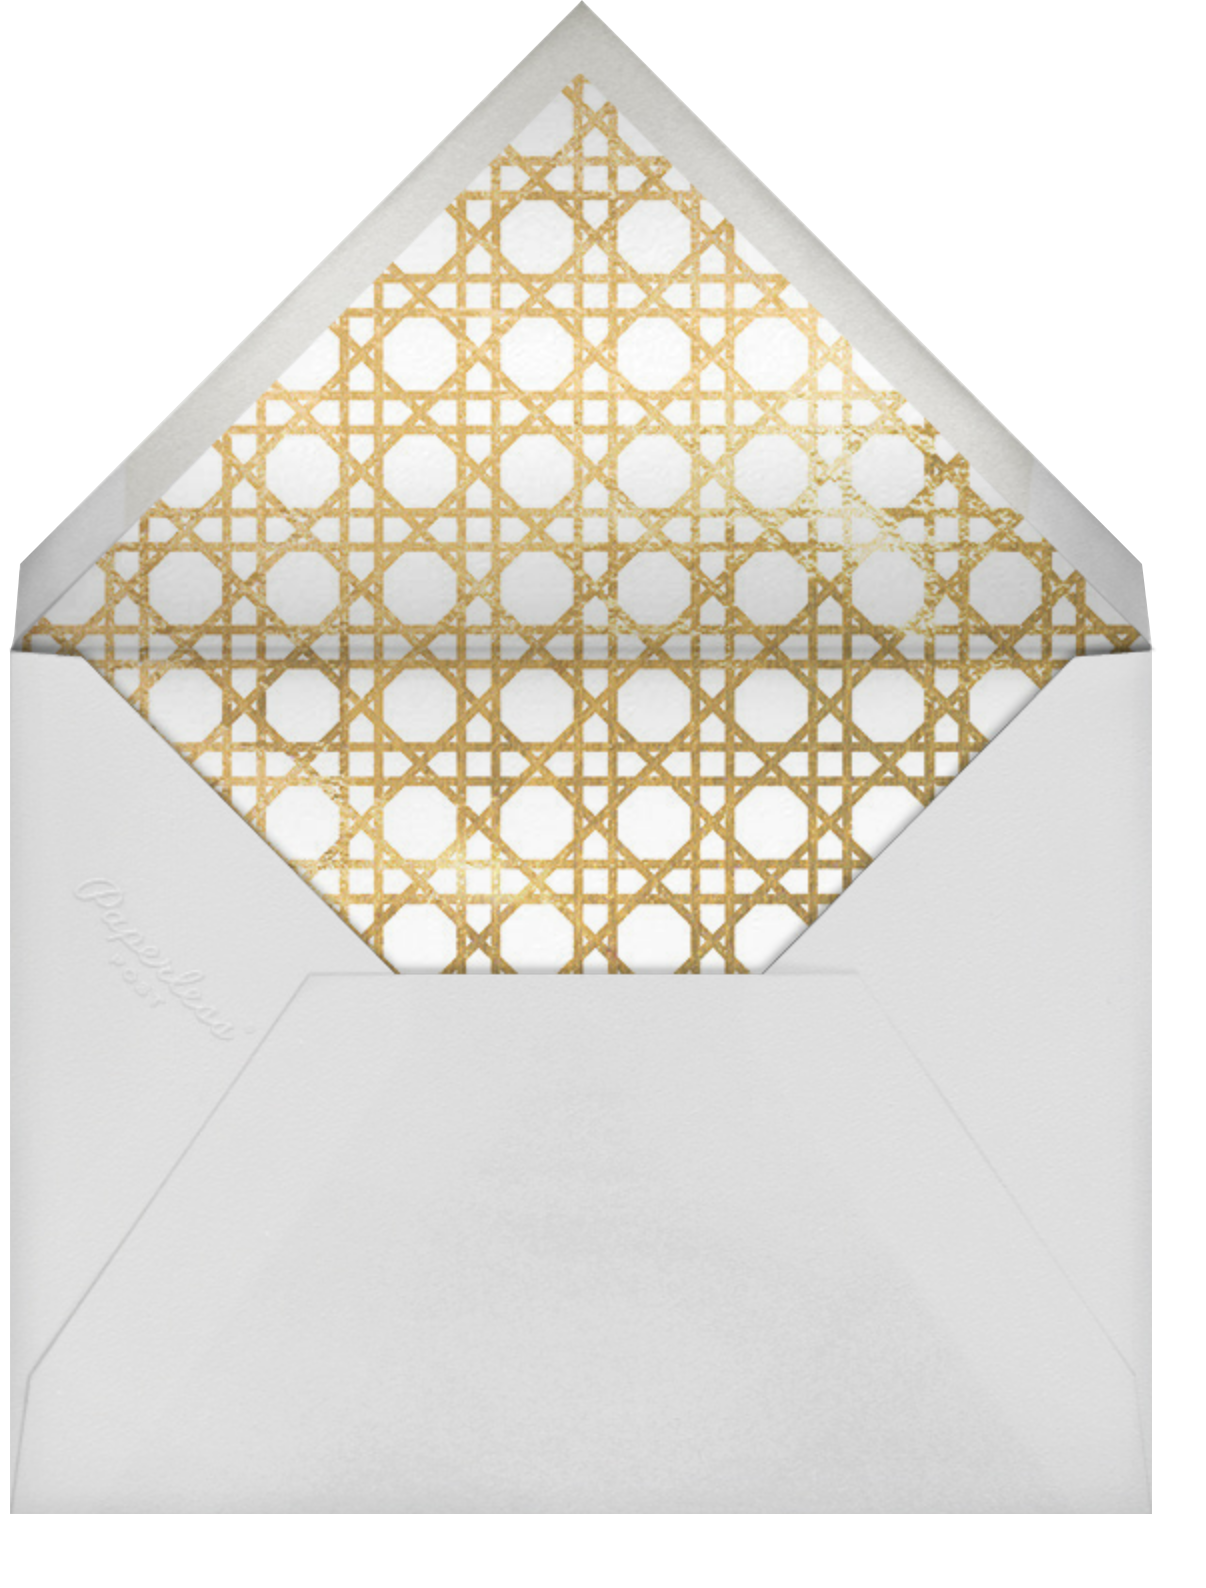 Caning - Gold - Jonathan Adler - All - envelope back